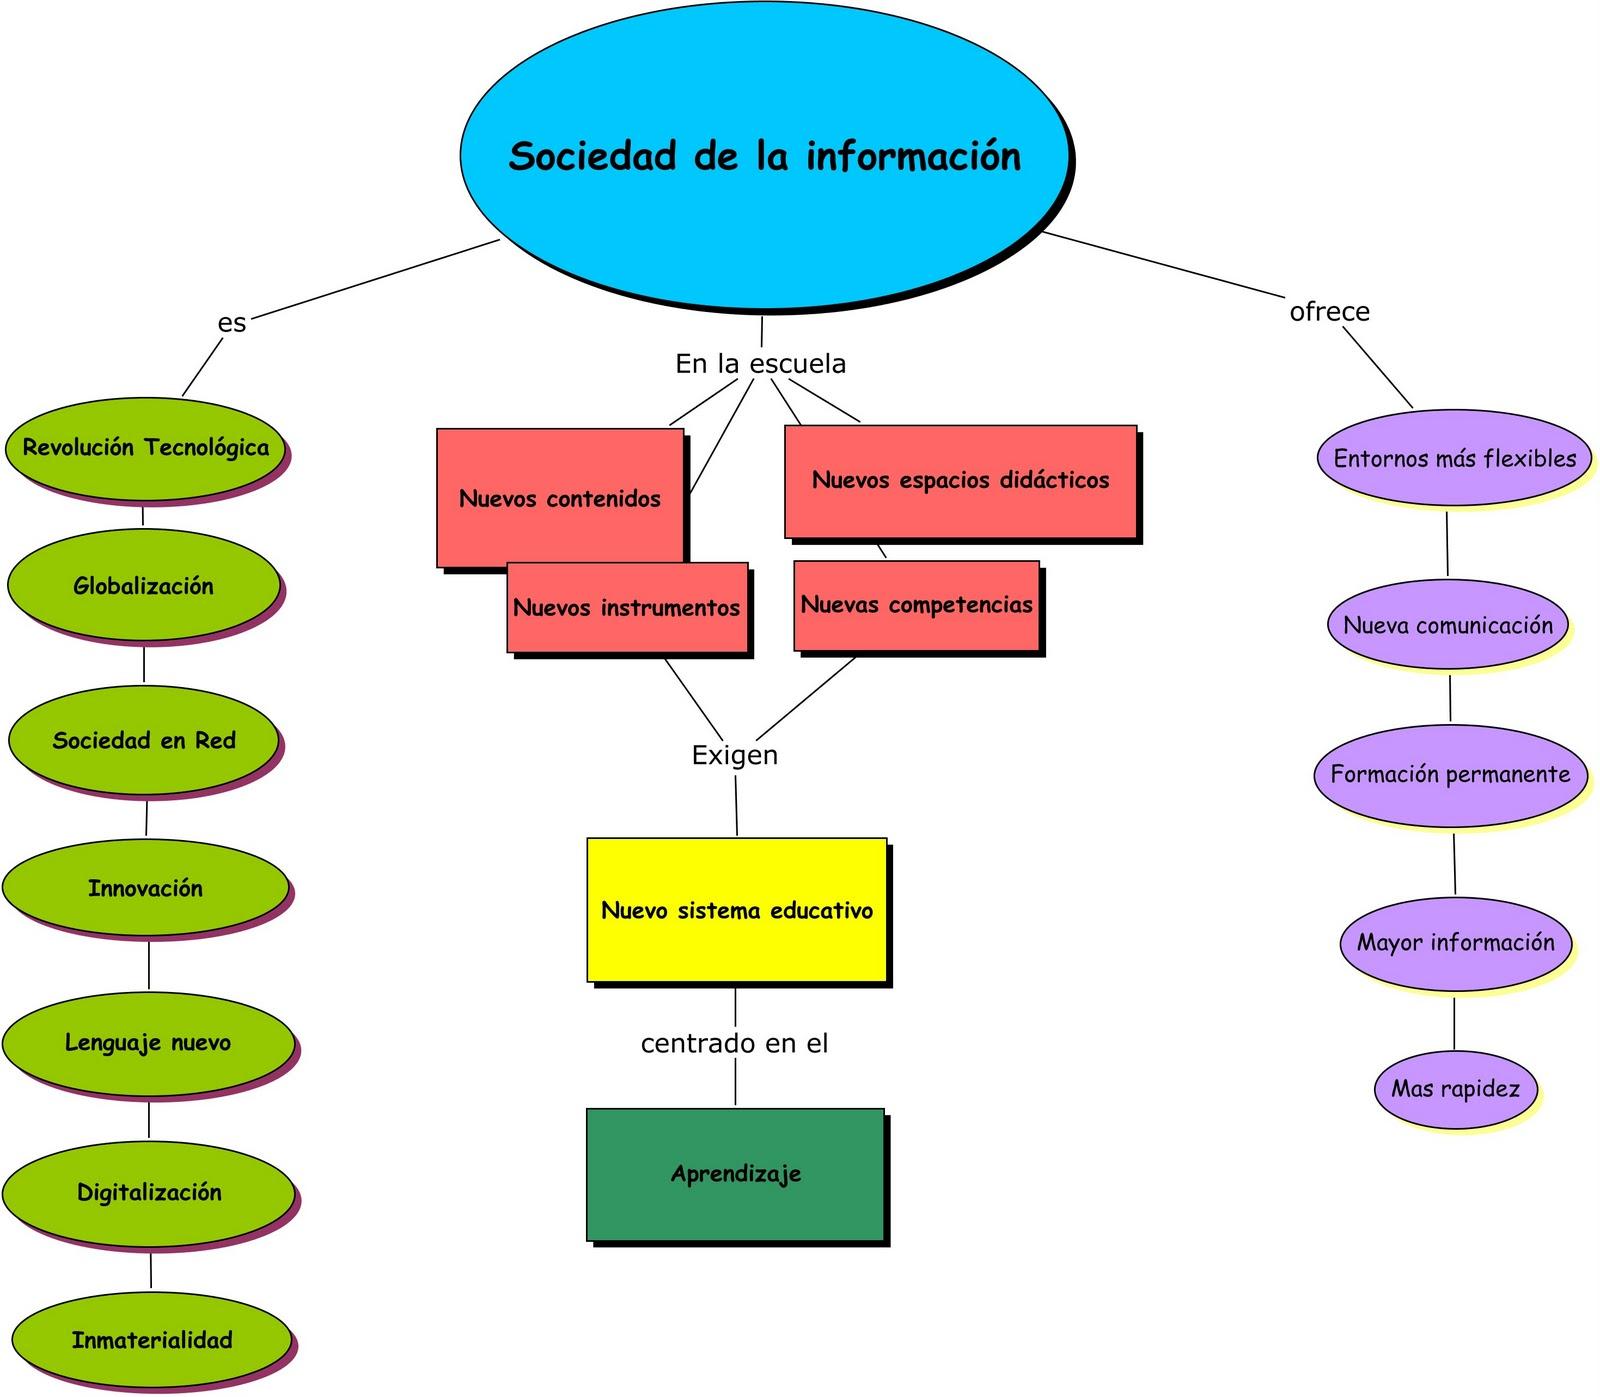 Sociedad de la información. Mapa de conceptos